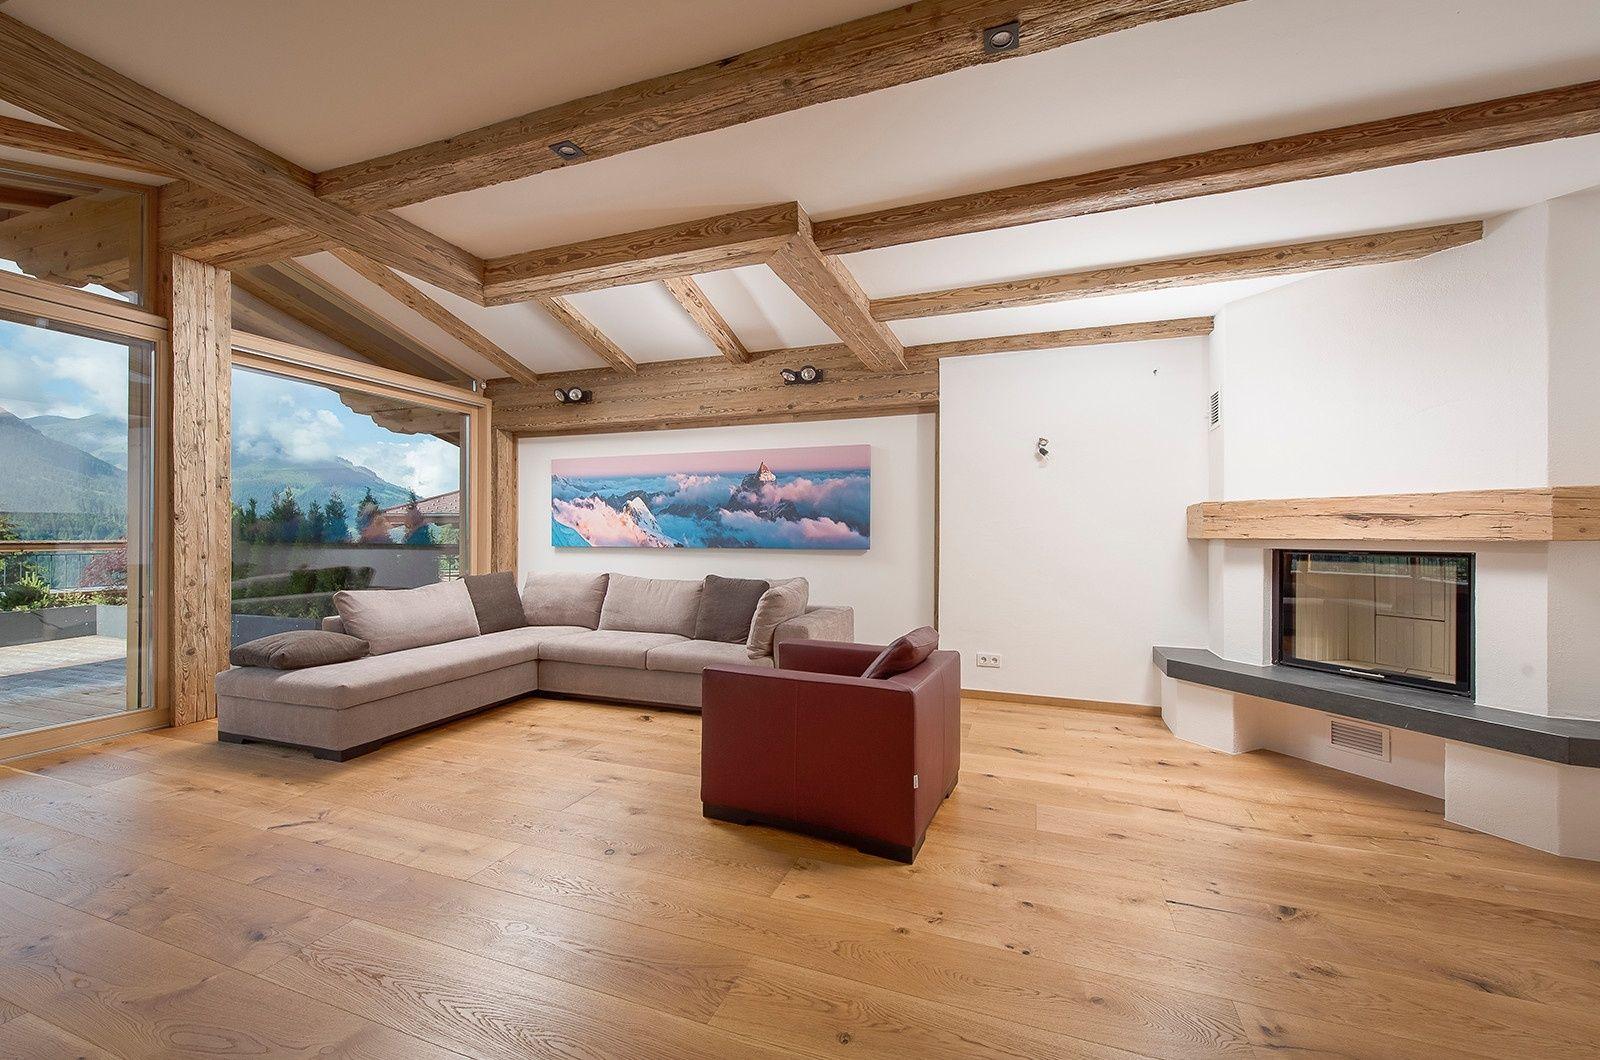 die sonne luxuri ses wohnzimmer mit hochwertigen holzboden und kamin einrichten und wohnen. Black Bedroom Furniture Sets. Home Design Ideas